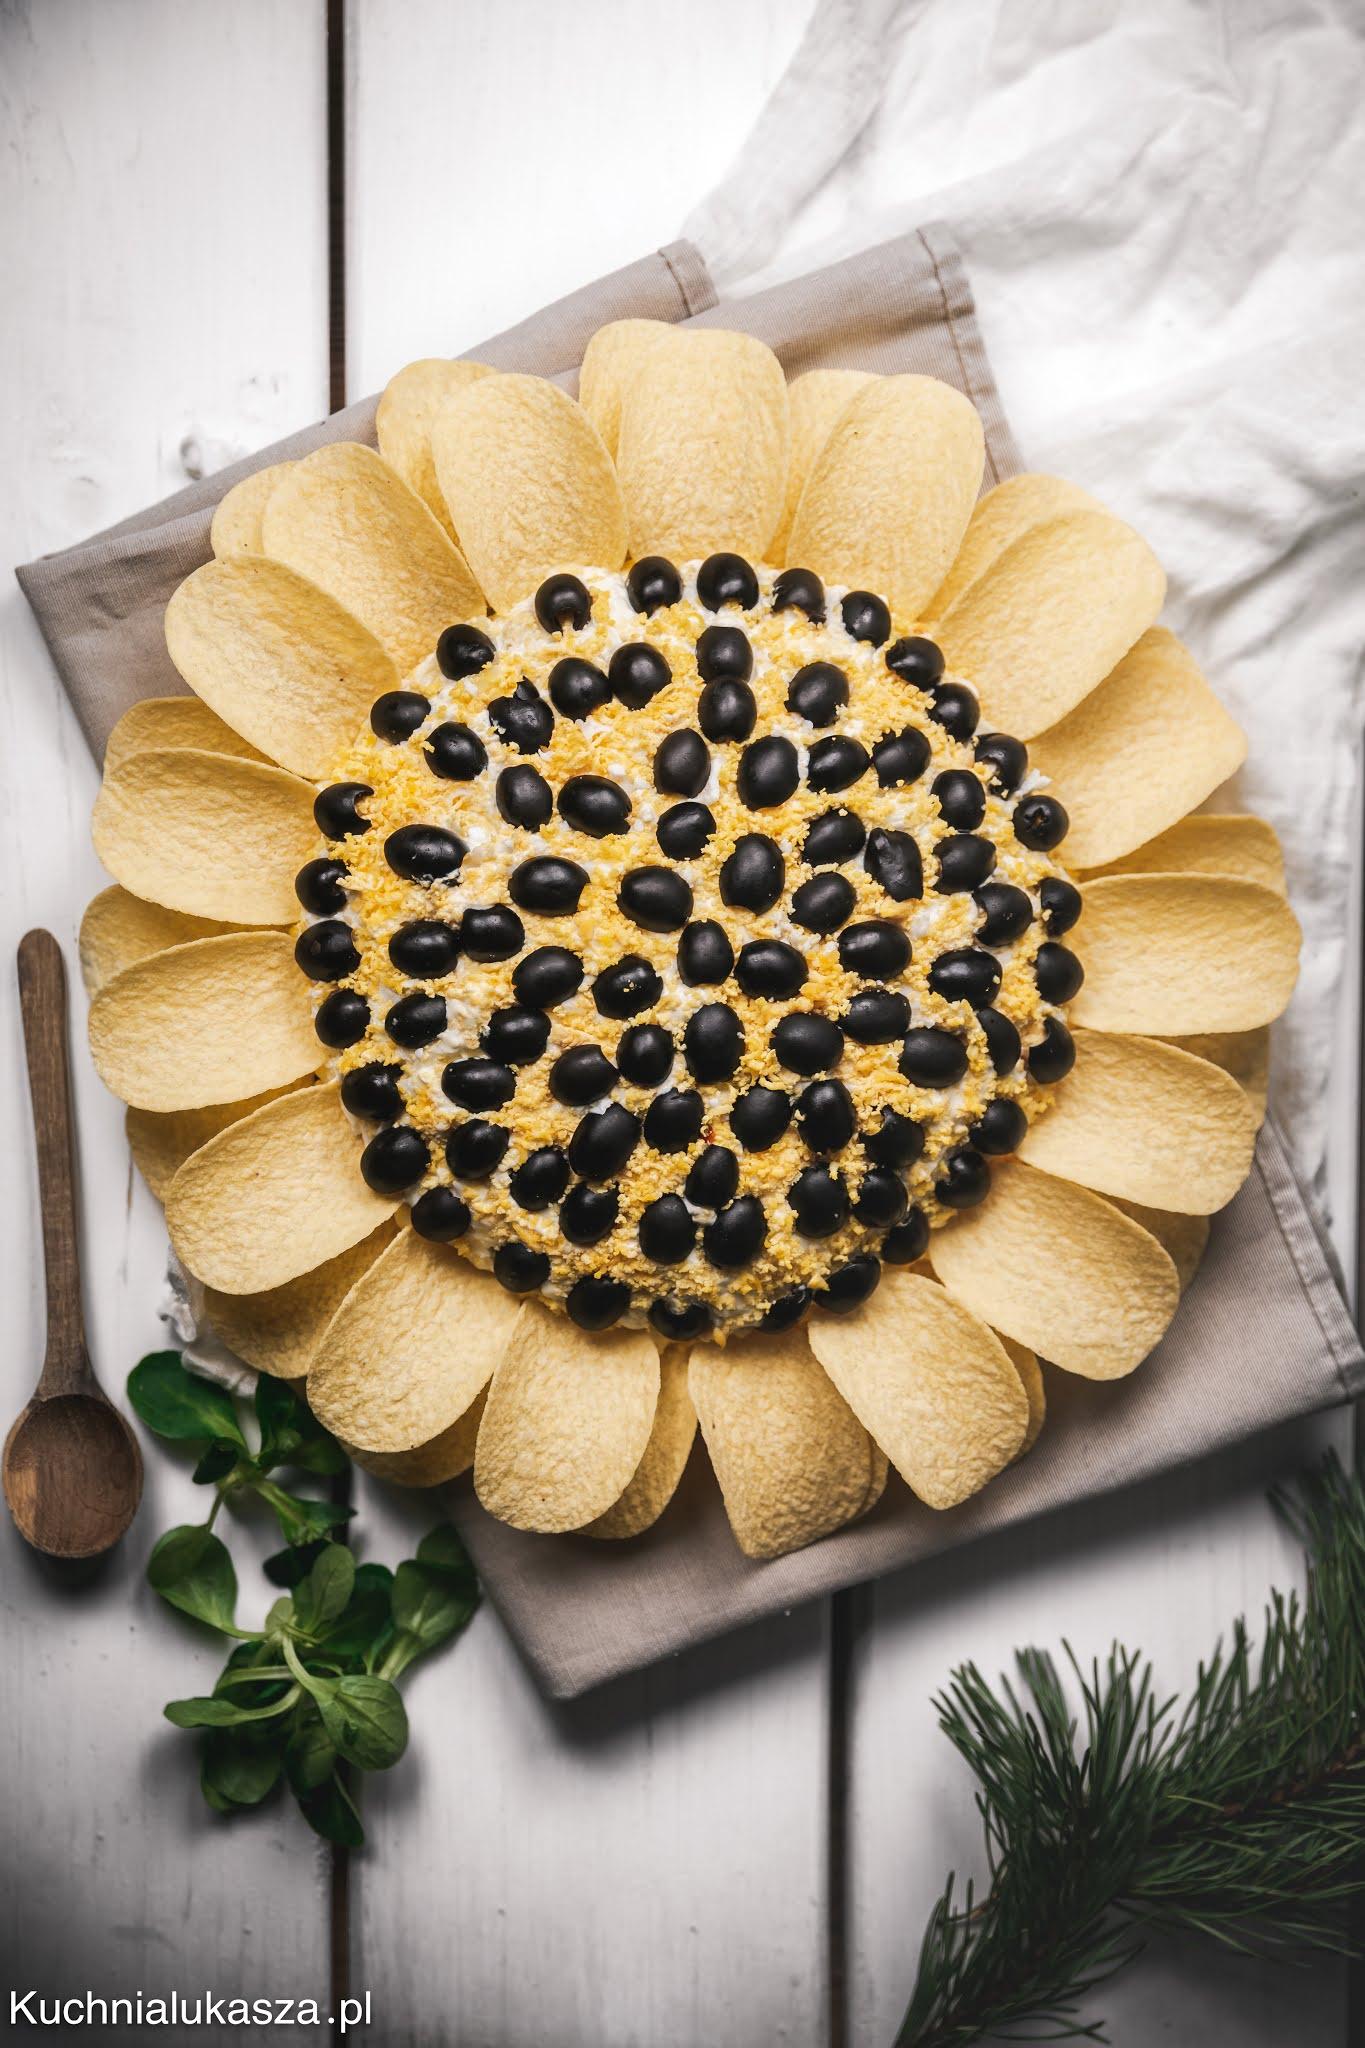 Słonecznik – idealna sałatka imprezowa